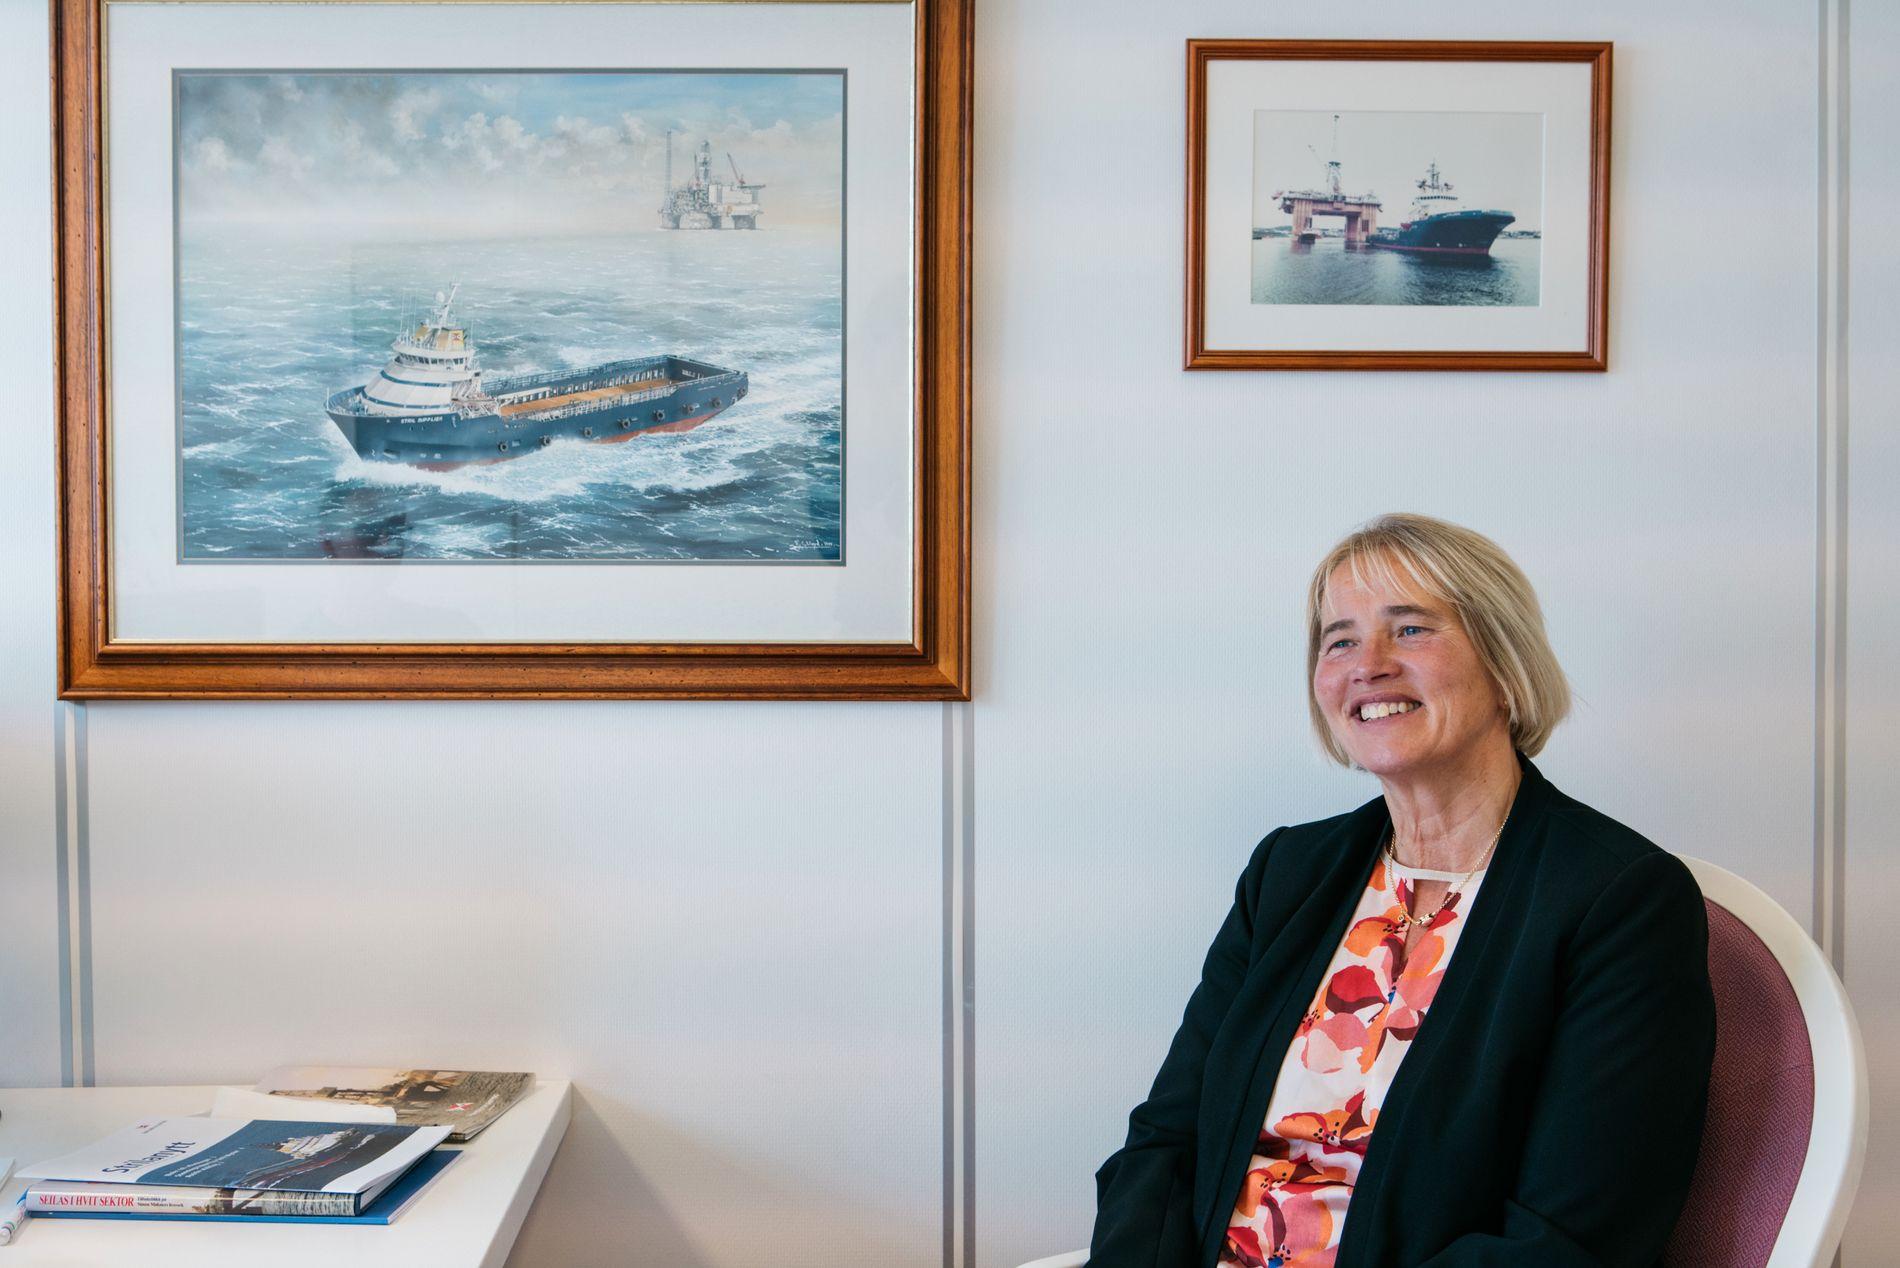 OPTIMISTISK: Tross politisk usikkerhet og lavere investeringsutsikter, så ser Jorunn Møkster lyst på fremtiden til norsk oljebransje.